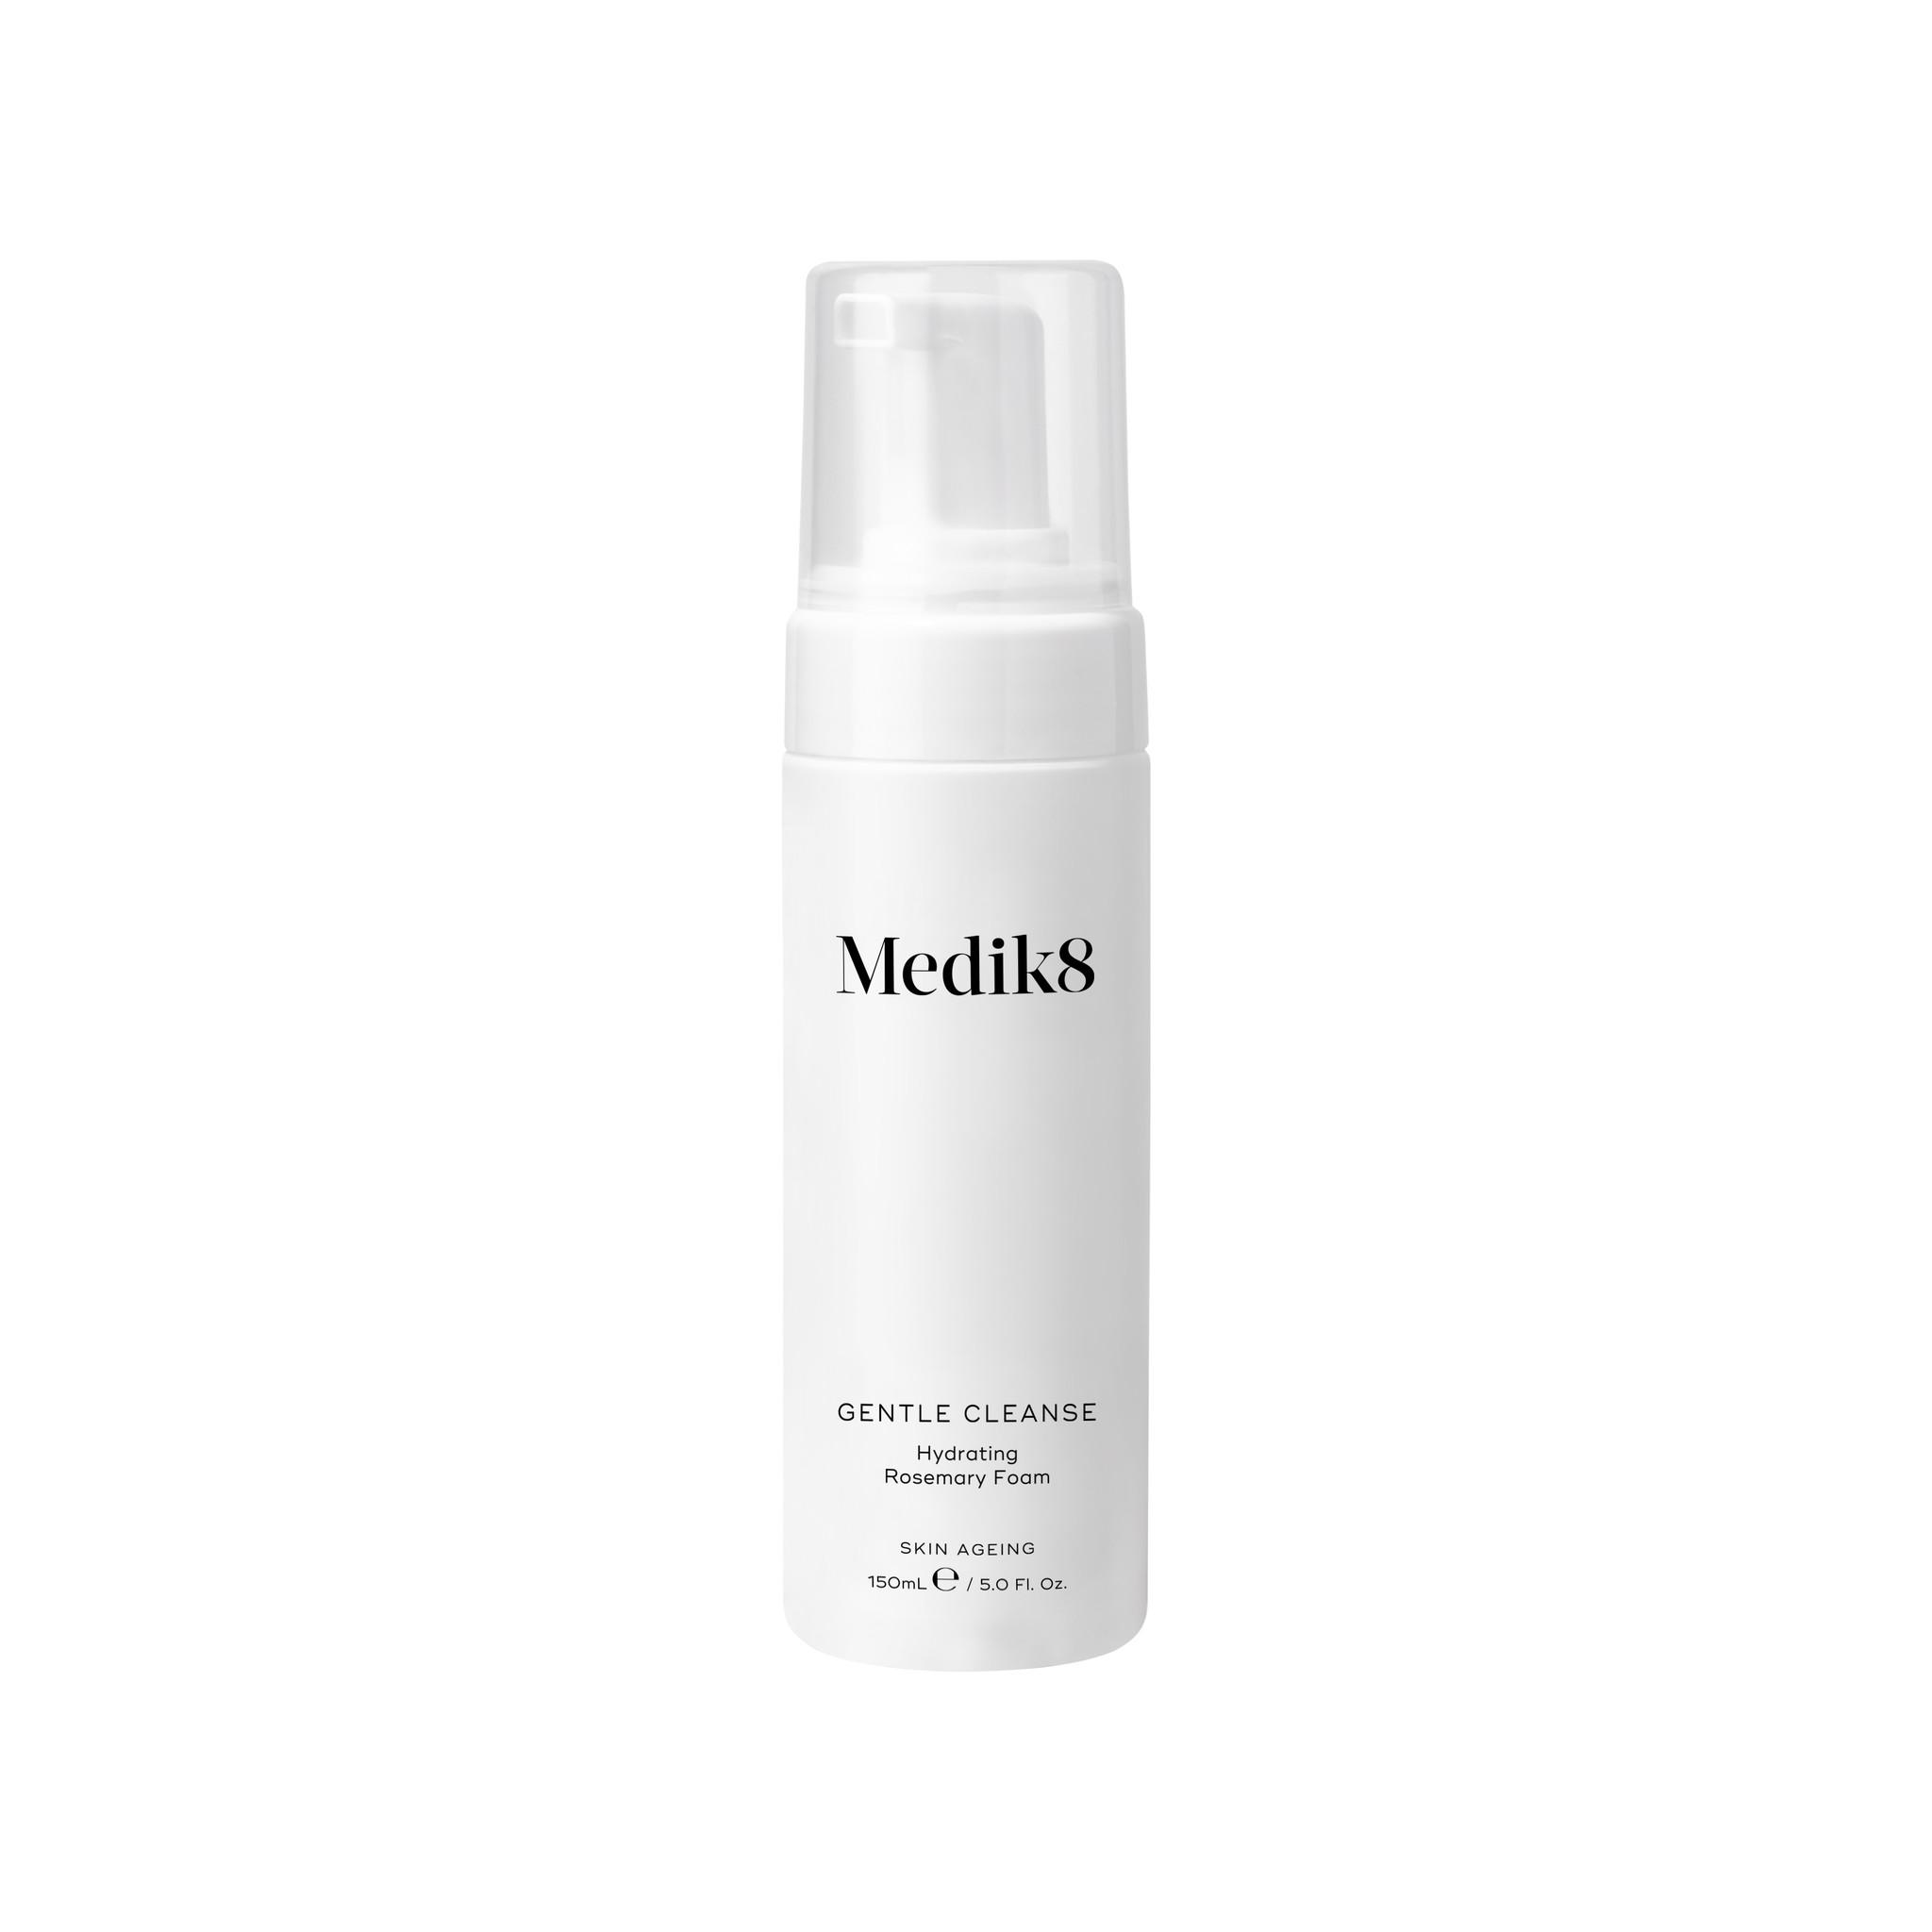 Medik8 Gentle Cleanse | Hydrating Rosemary Foam | 150ml